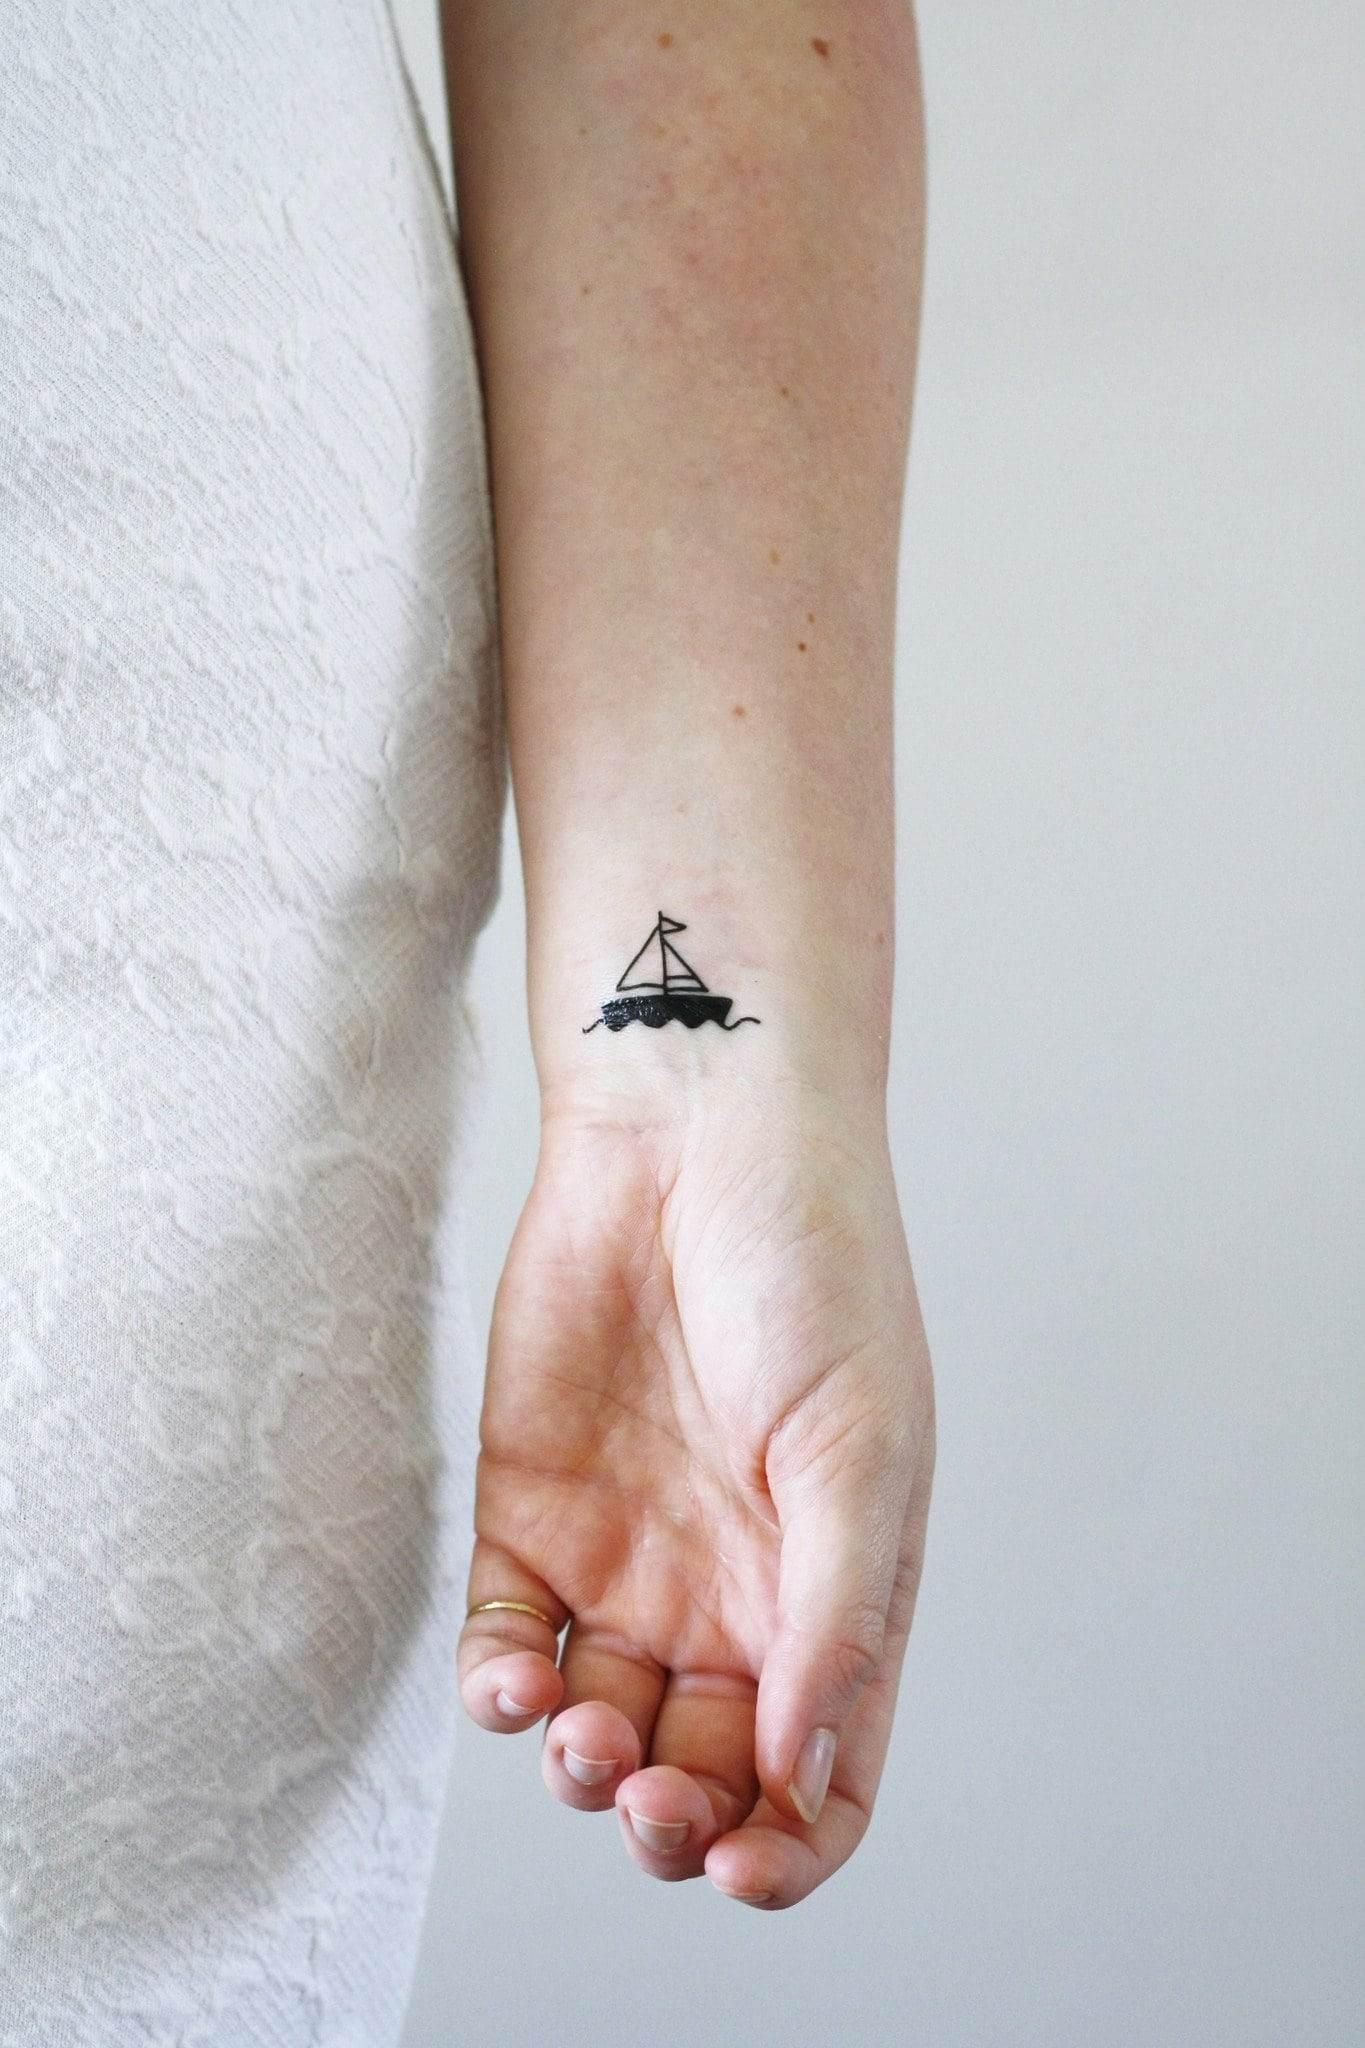 tiny boat tattoos